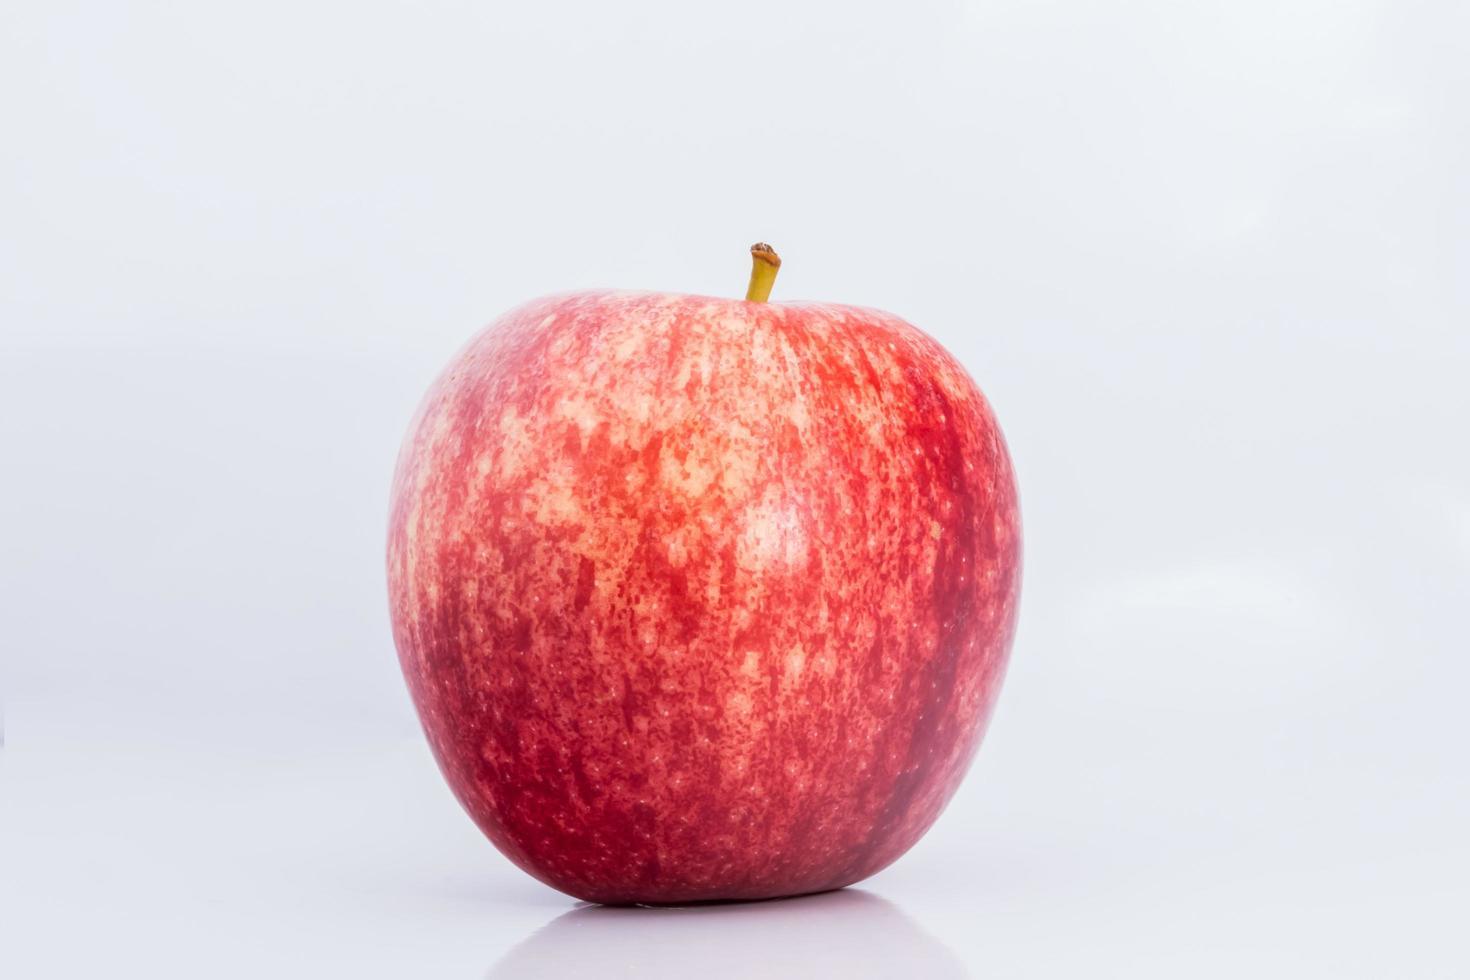 pomme sur fond blanc photo